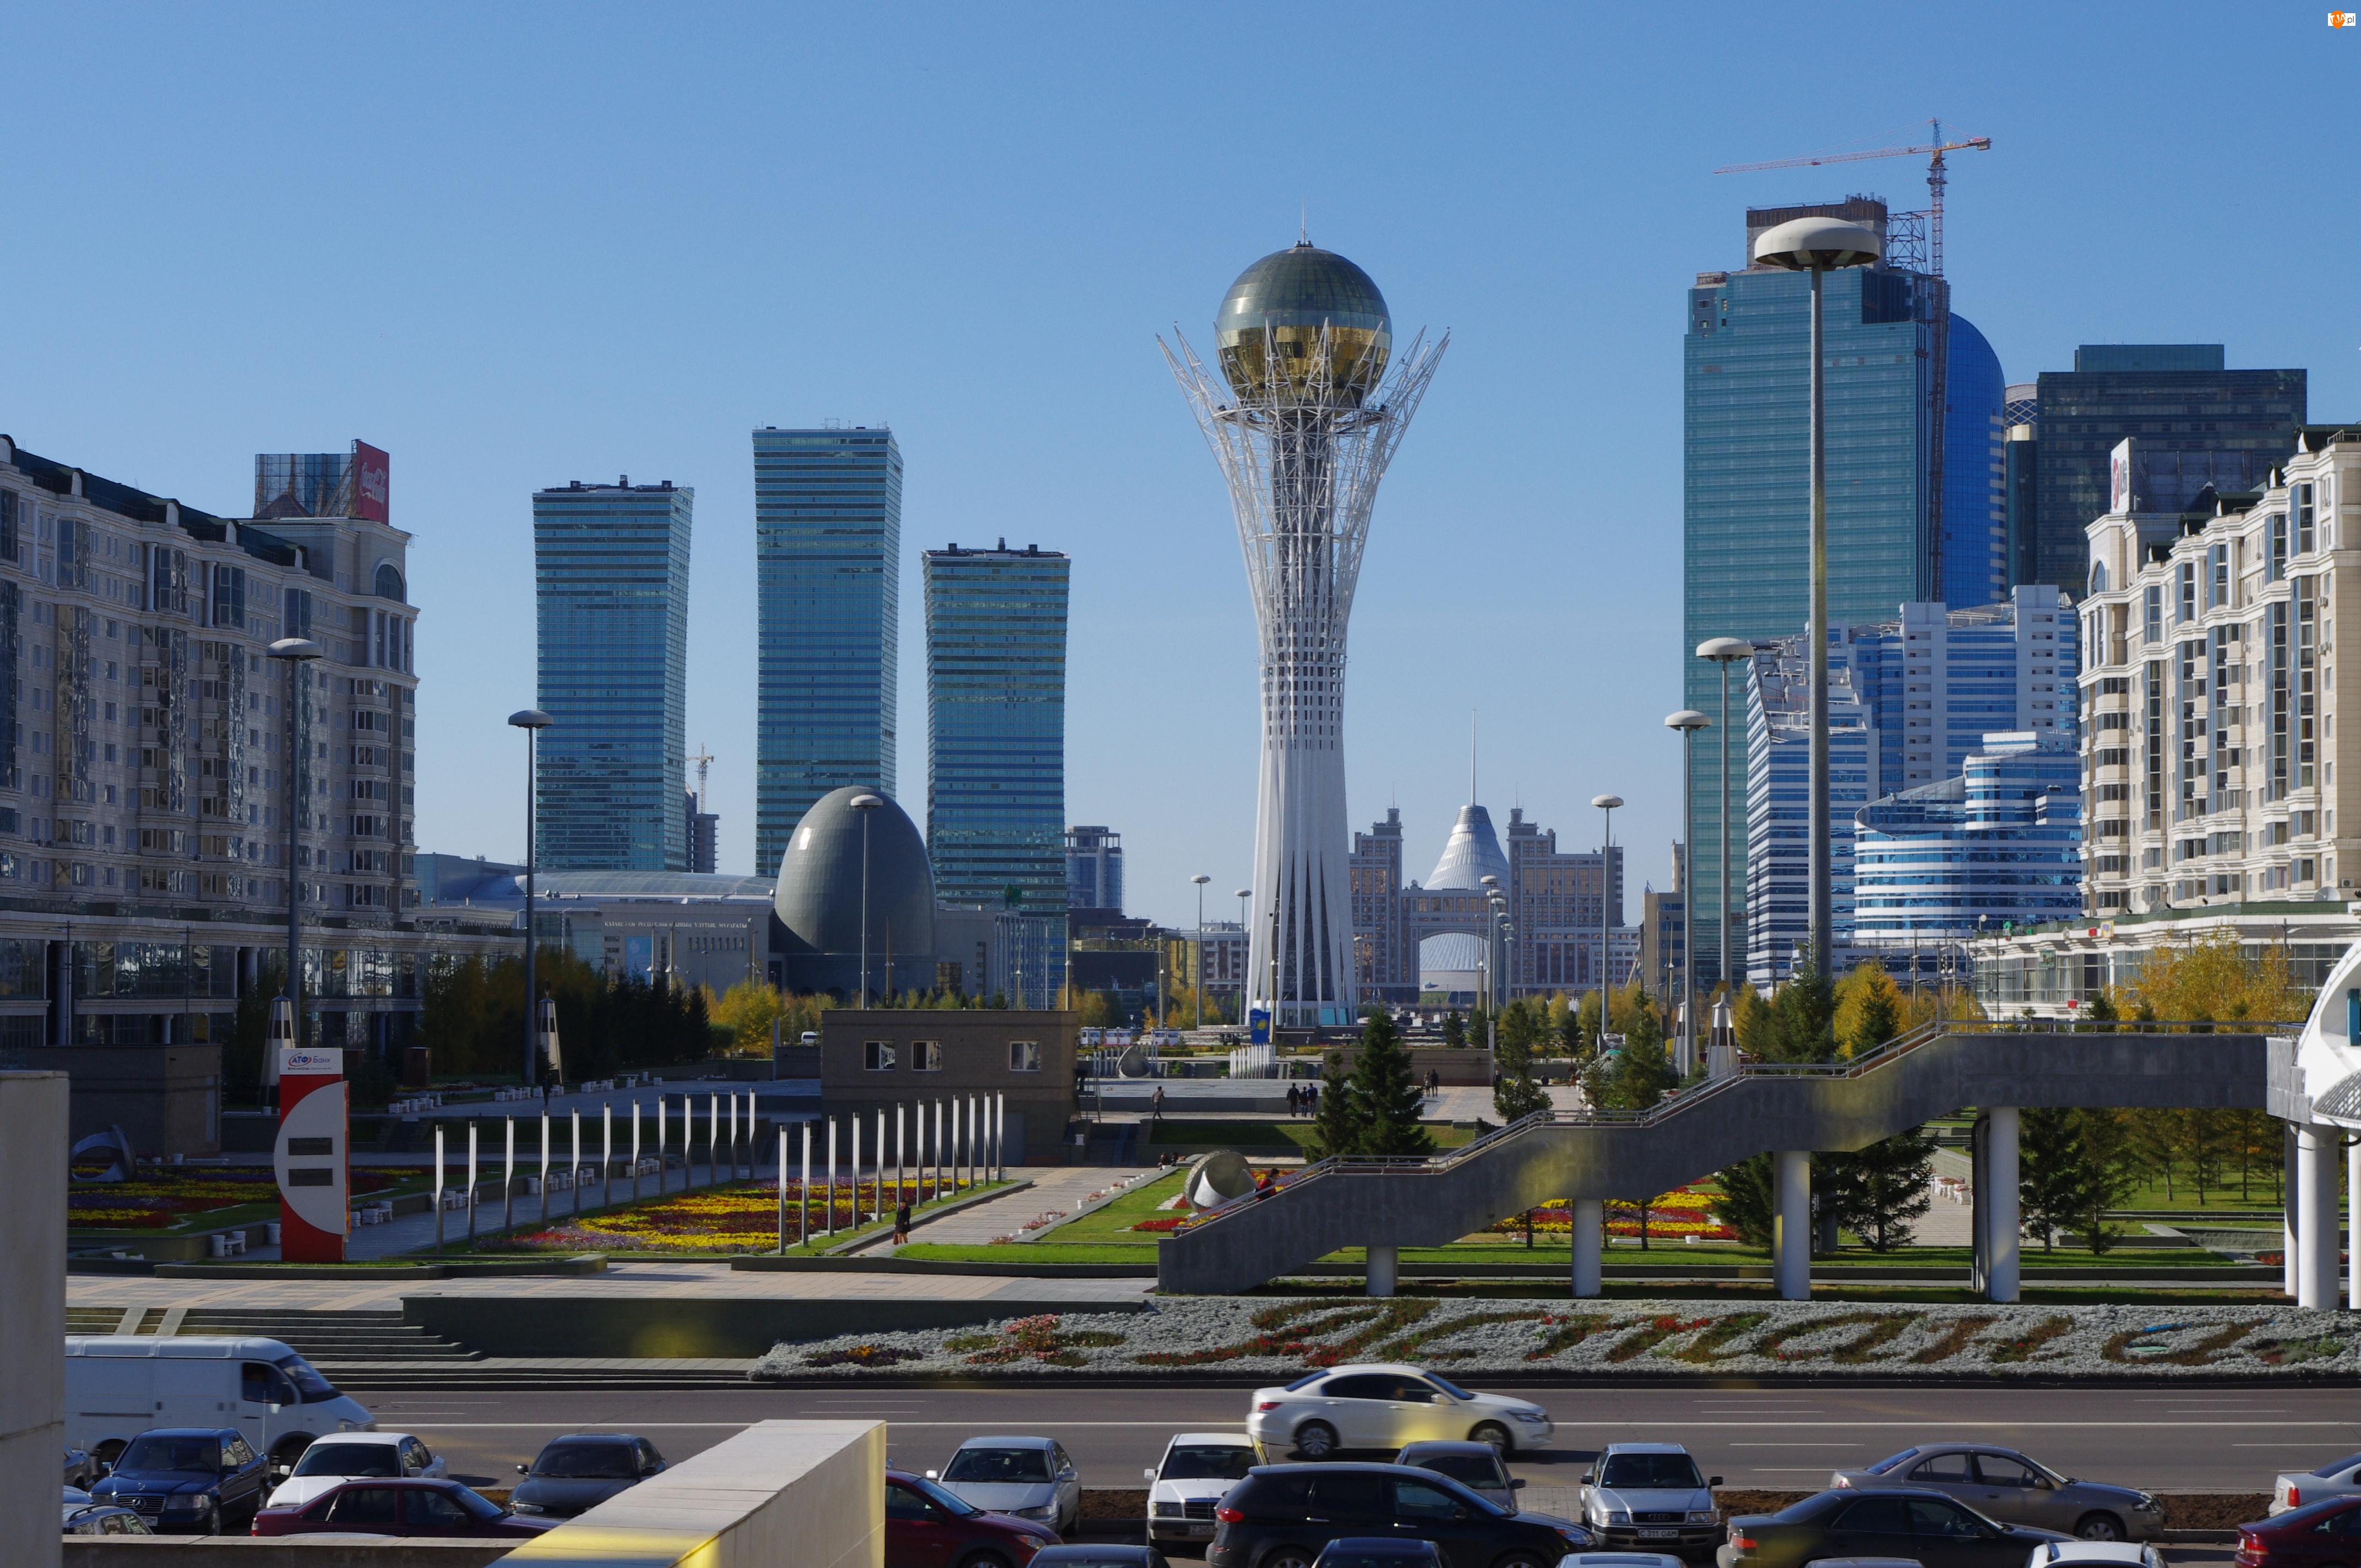 Astana, Zdjęcie miasta, Kazachstan, Azja